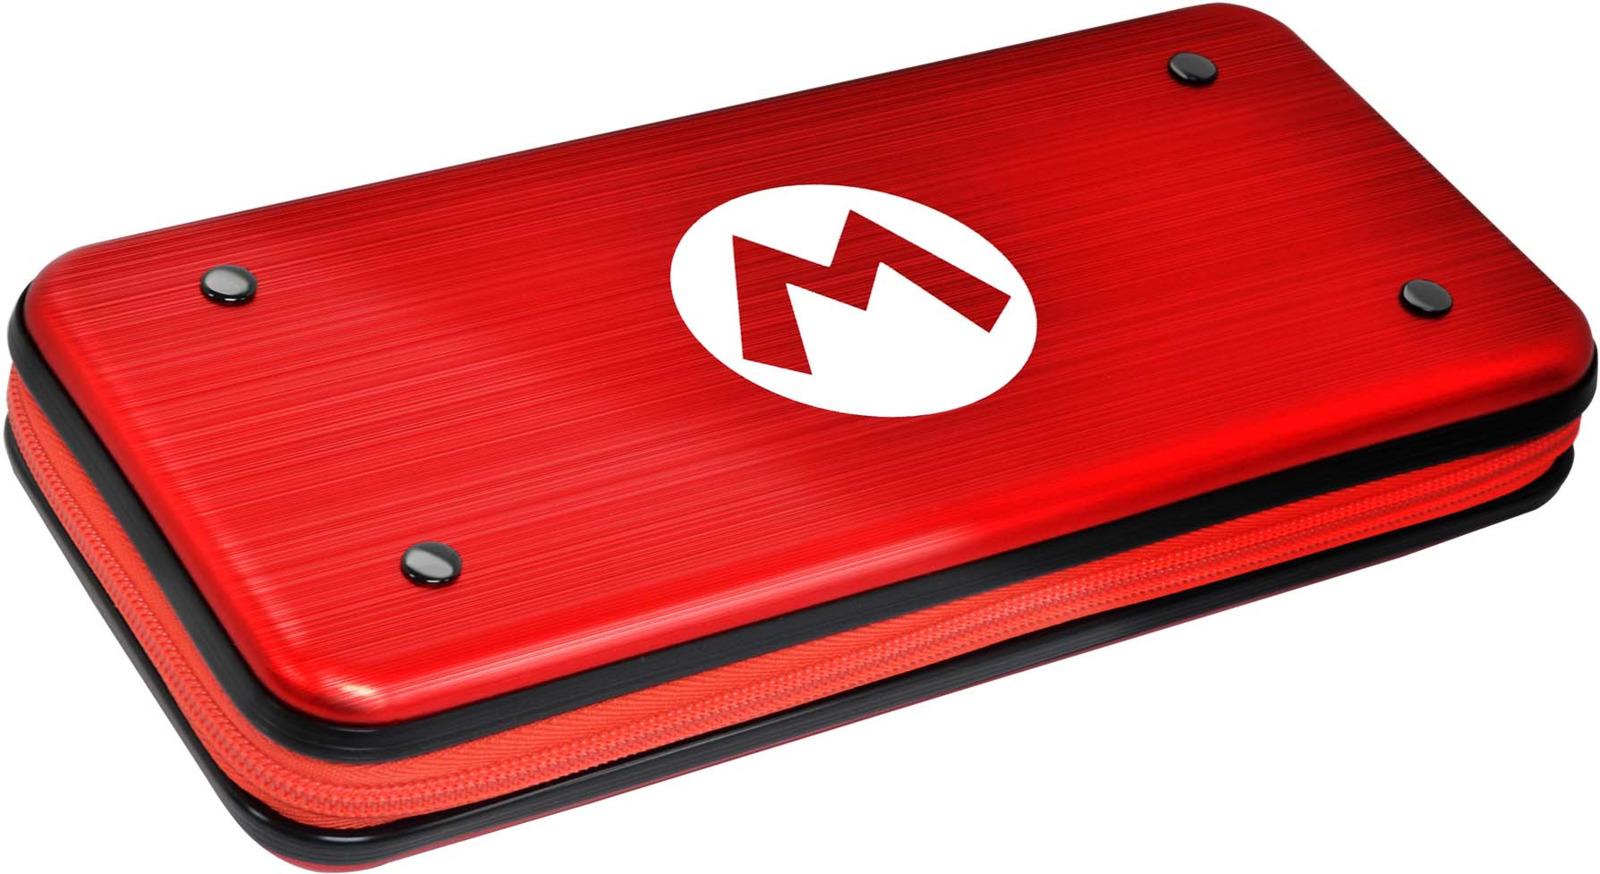 лучшая цена Защитный чехол Hori Mario, для консоли Nintendo Switch, NSW-090U